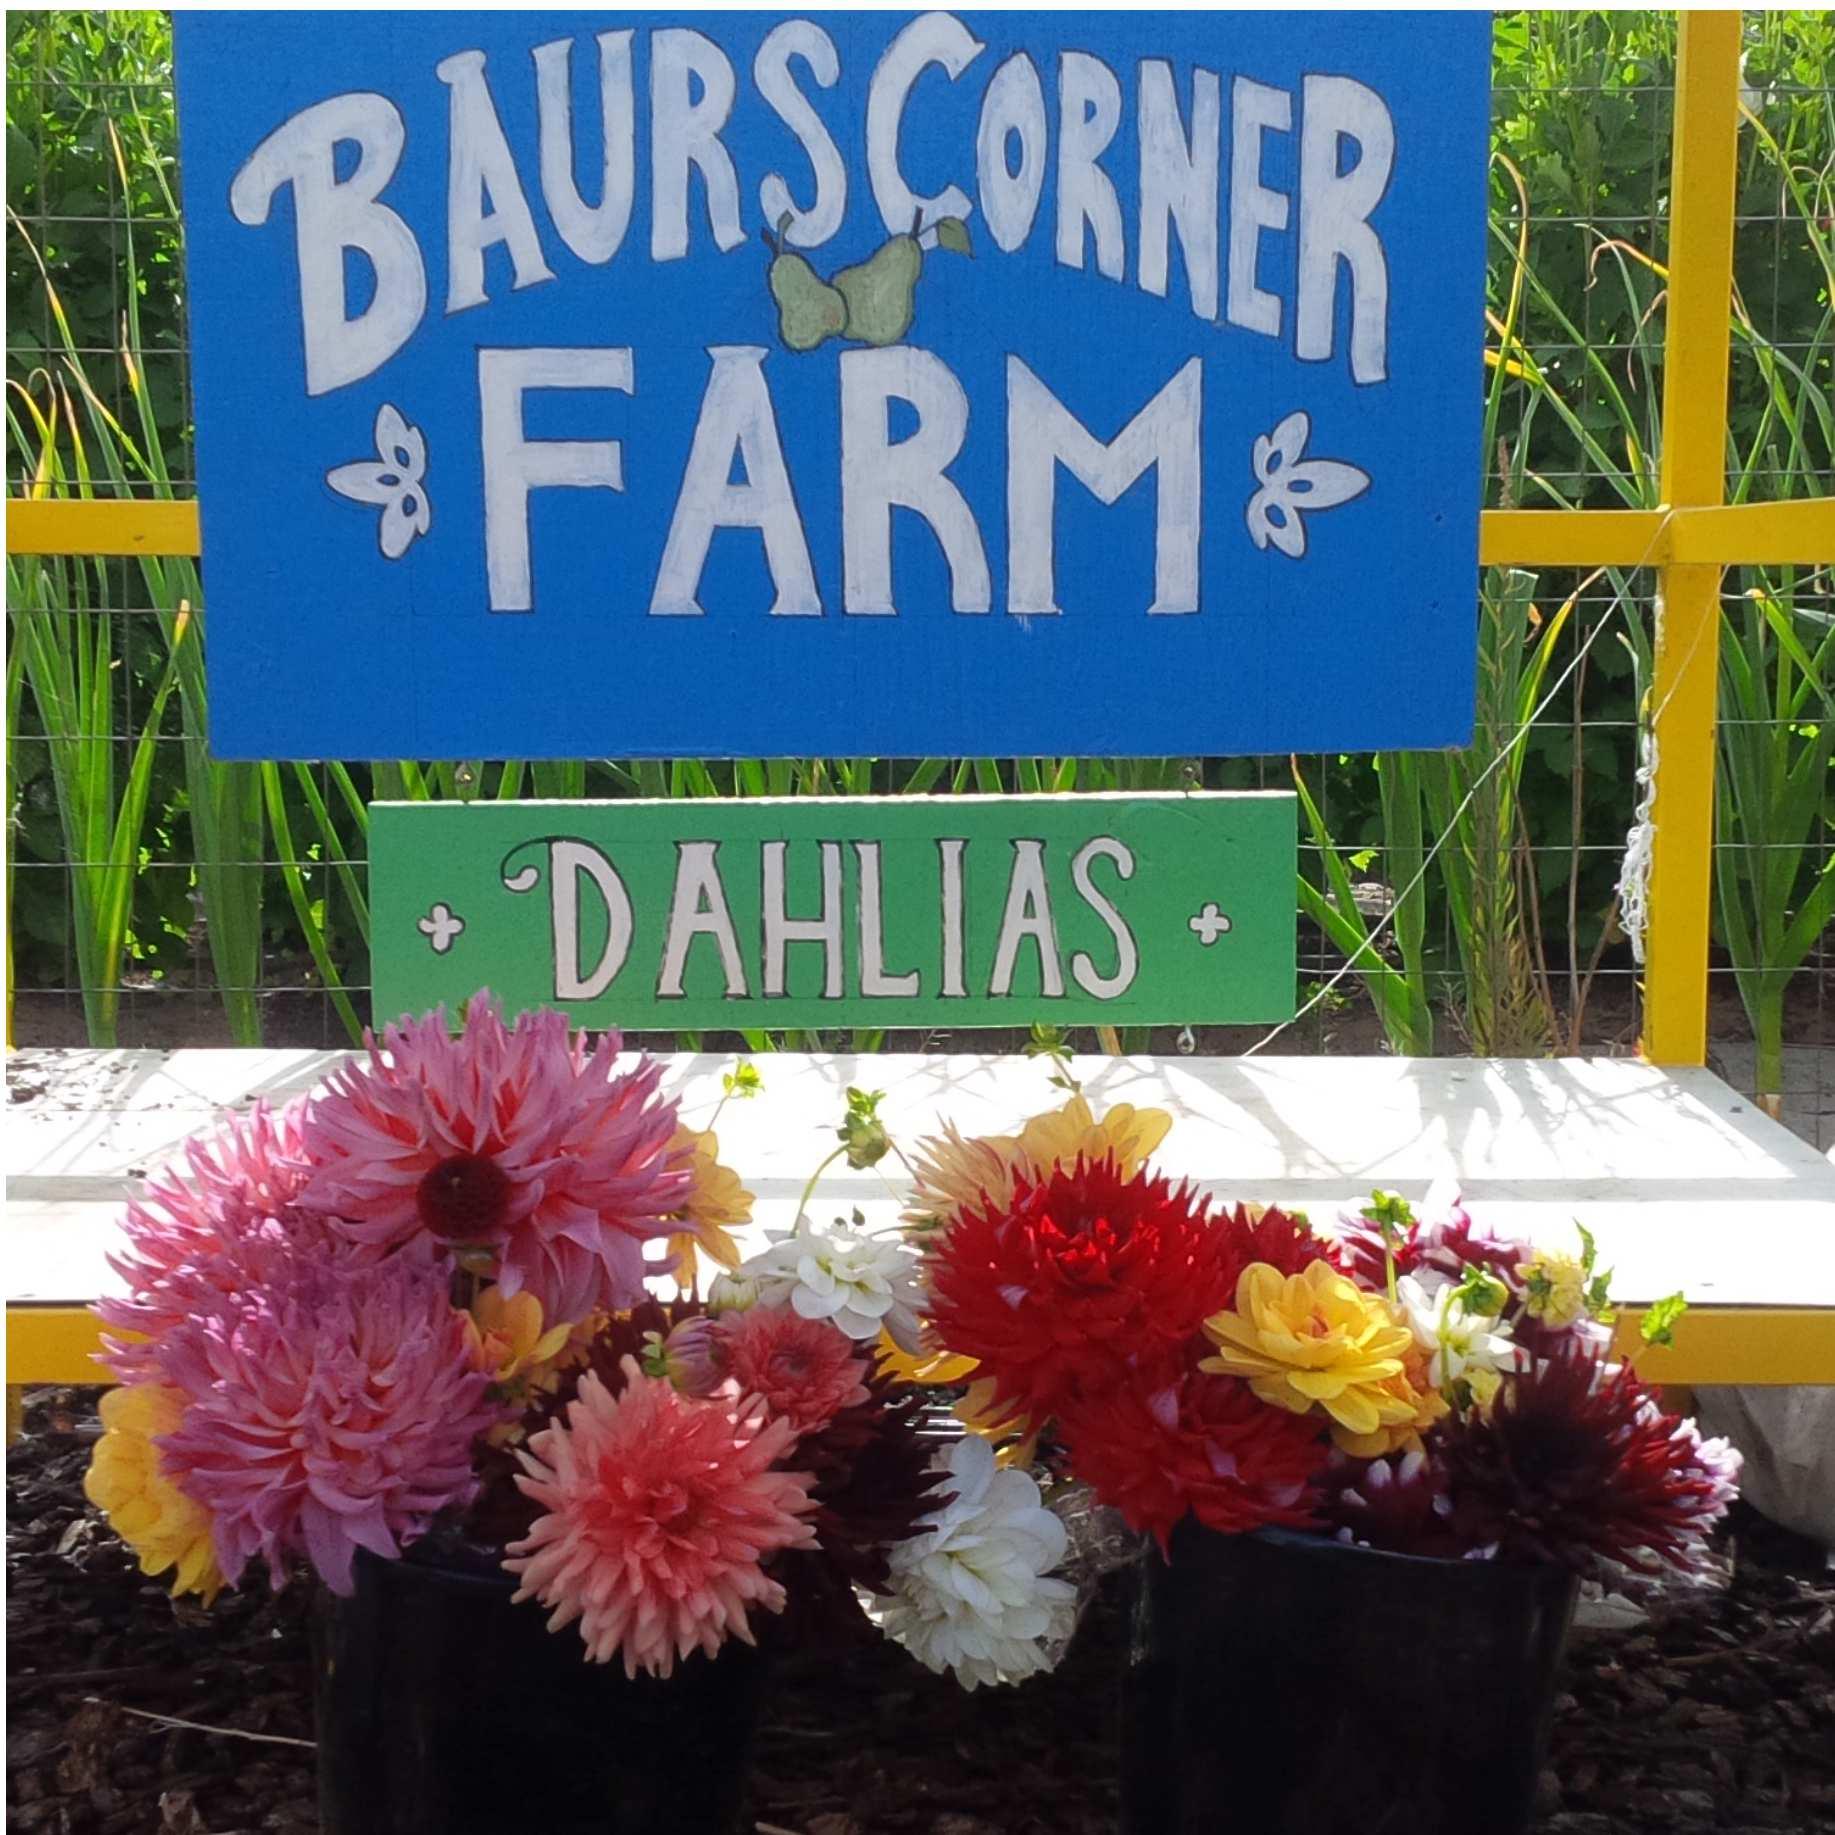 Baurs Corner Farm